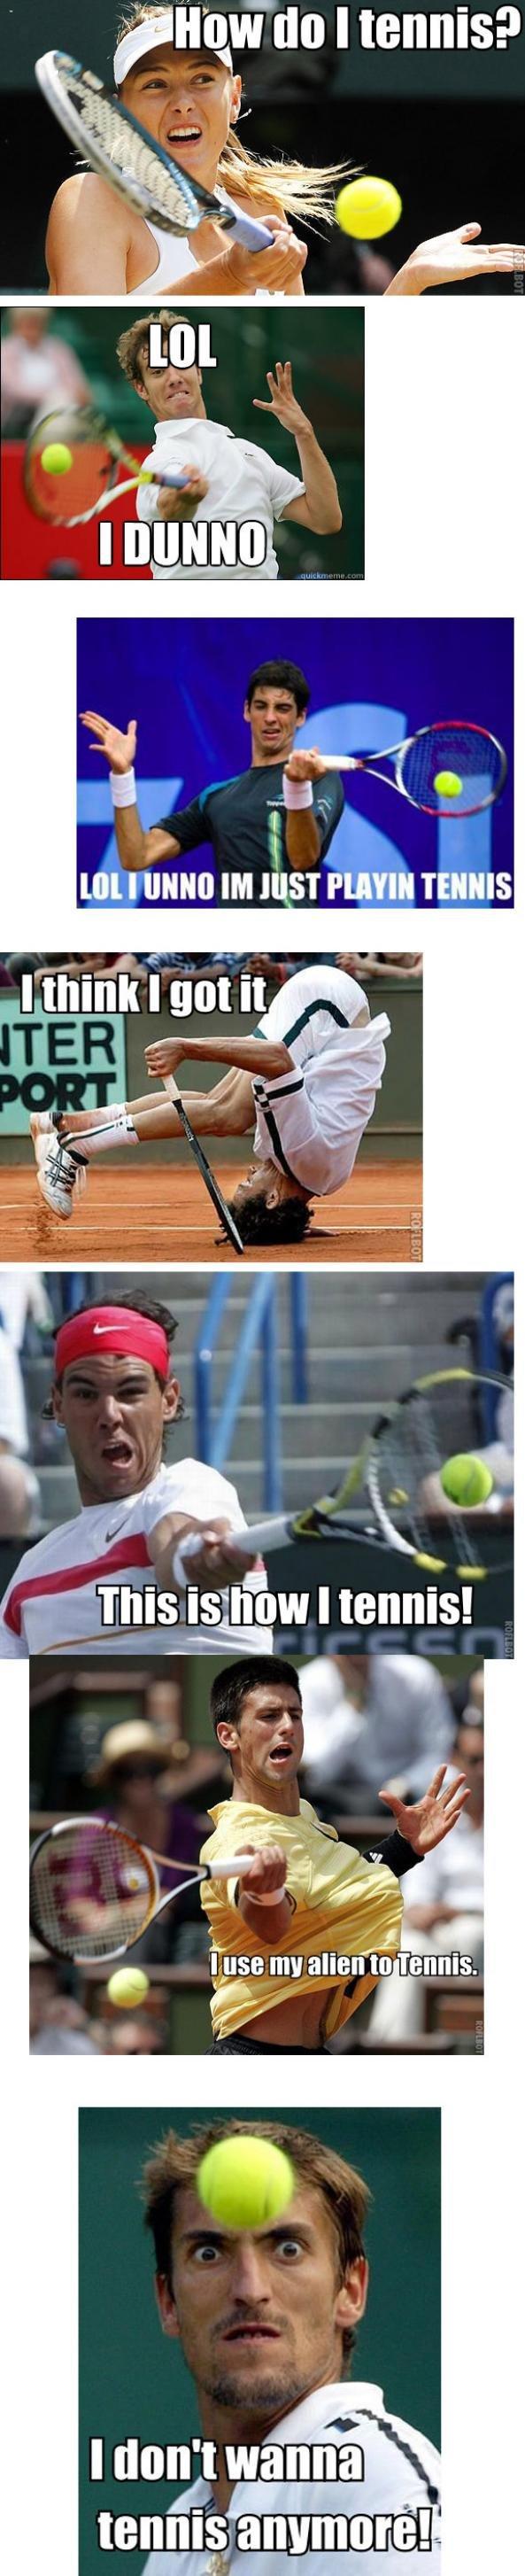 """Tennis is hard. . i amar Ill I mum um my mun TENNIS Ease my alien"""" to . tennis ' III? I ill Tennis is hard i amar Ill I mum um my mun TENNIS Ease alien"""" to tennis ' III? ill"""